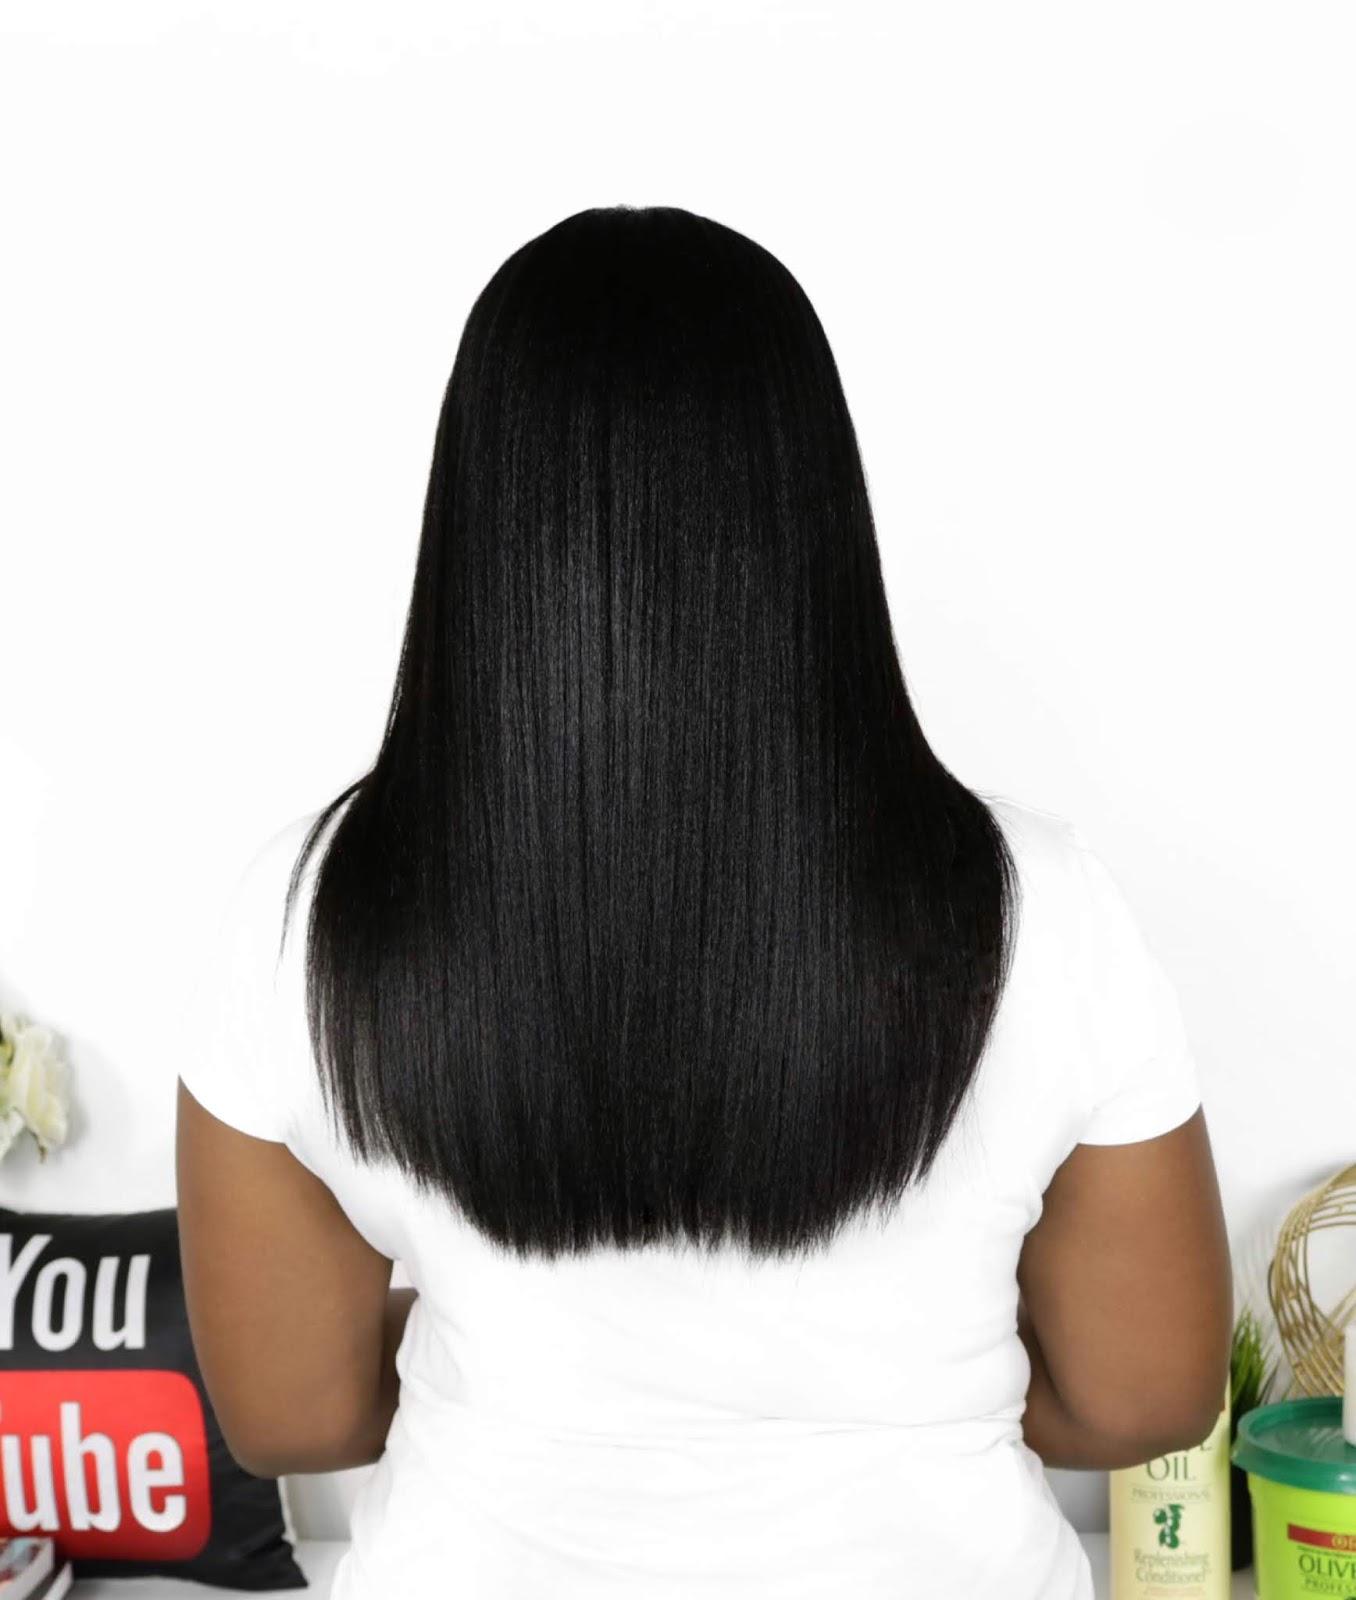 I Cut My Hair! | Relaxed Hair | www.Hairliciousinc.com